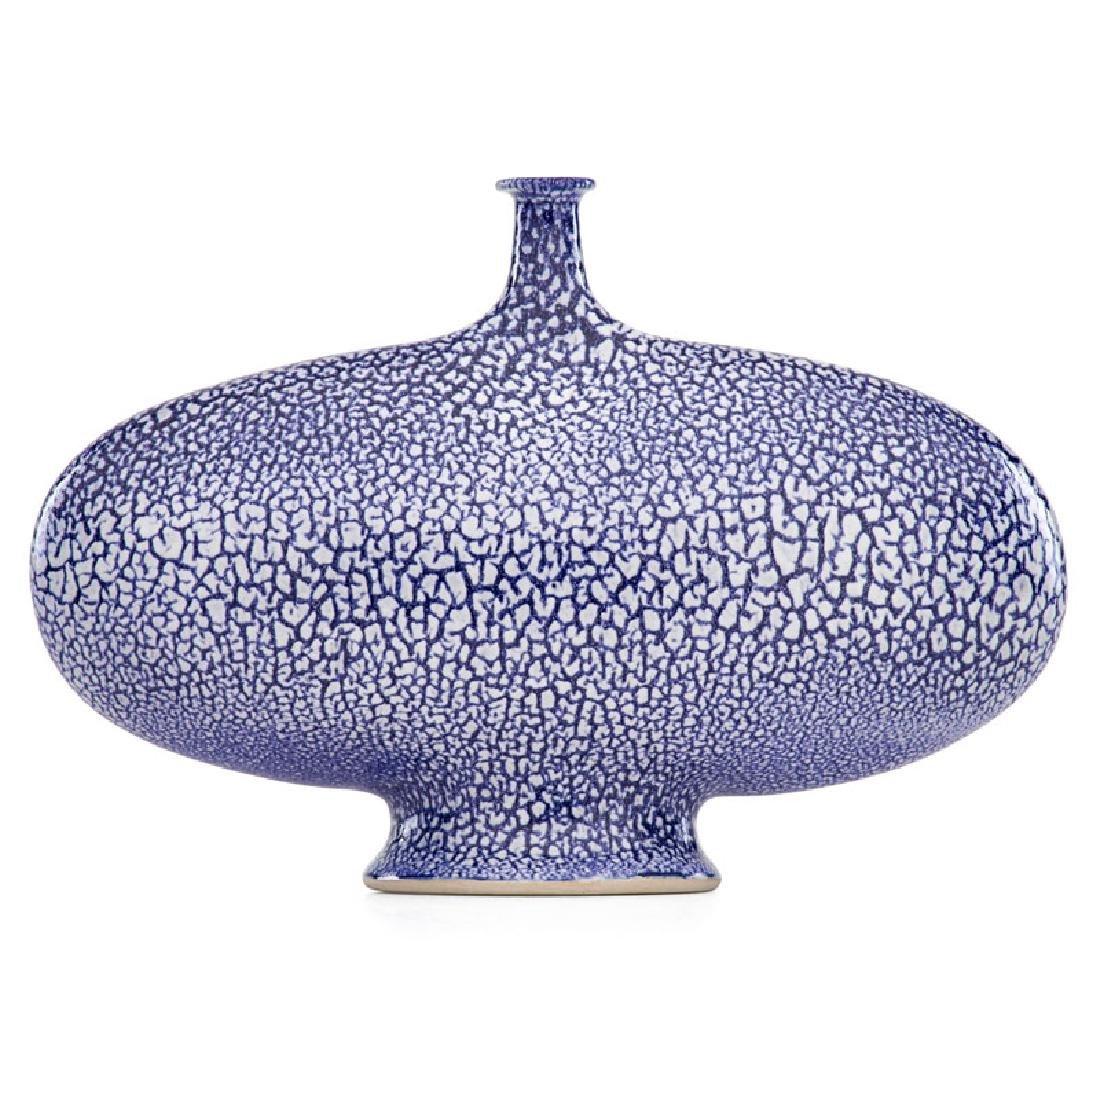 BROTHER THOMAS BEZANSON Elongated vase